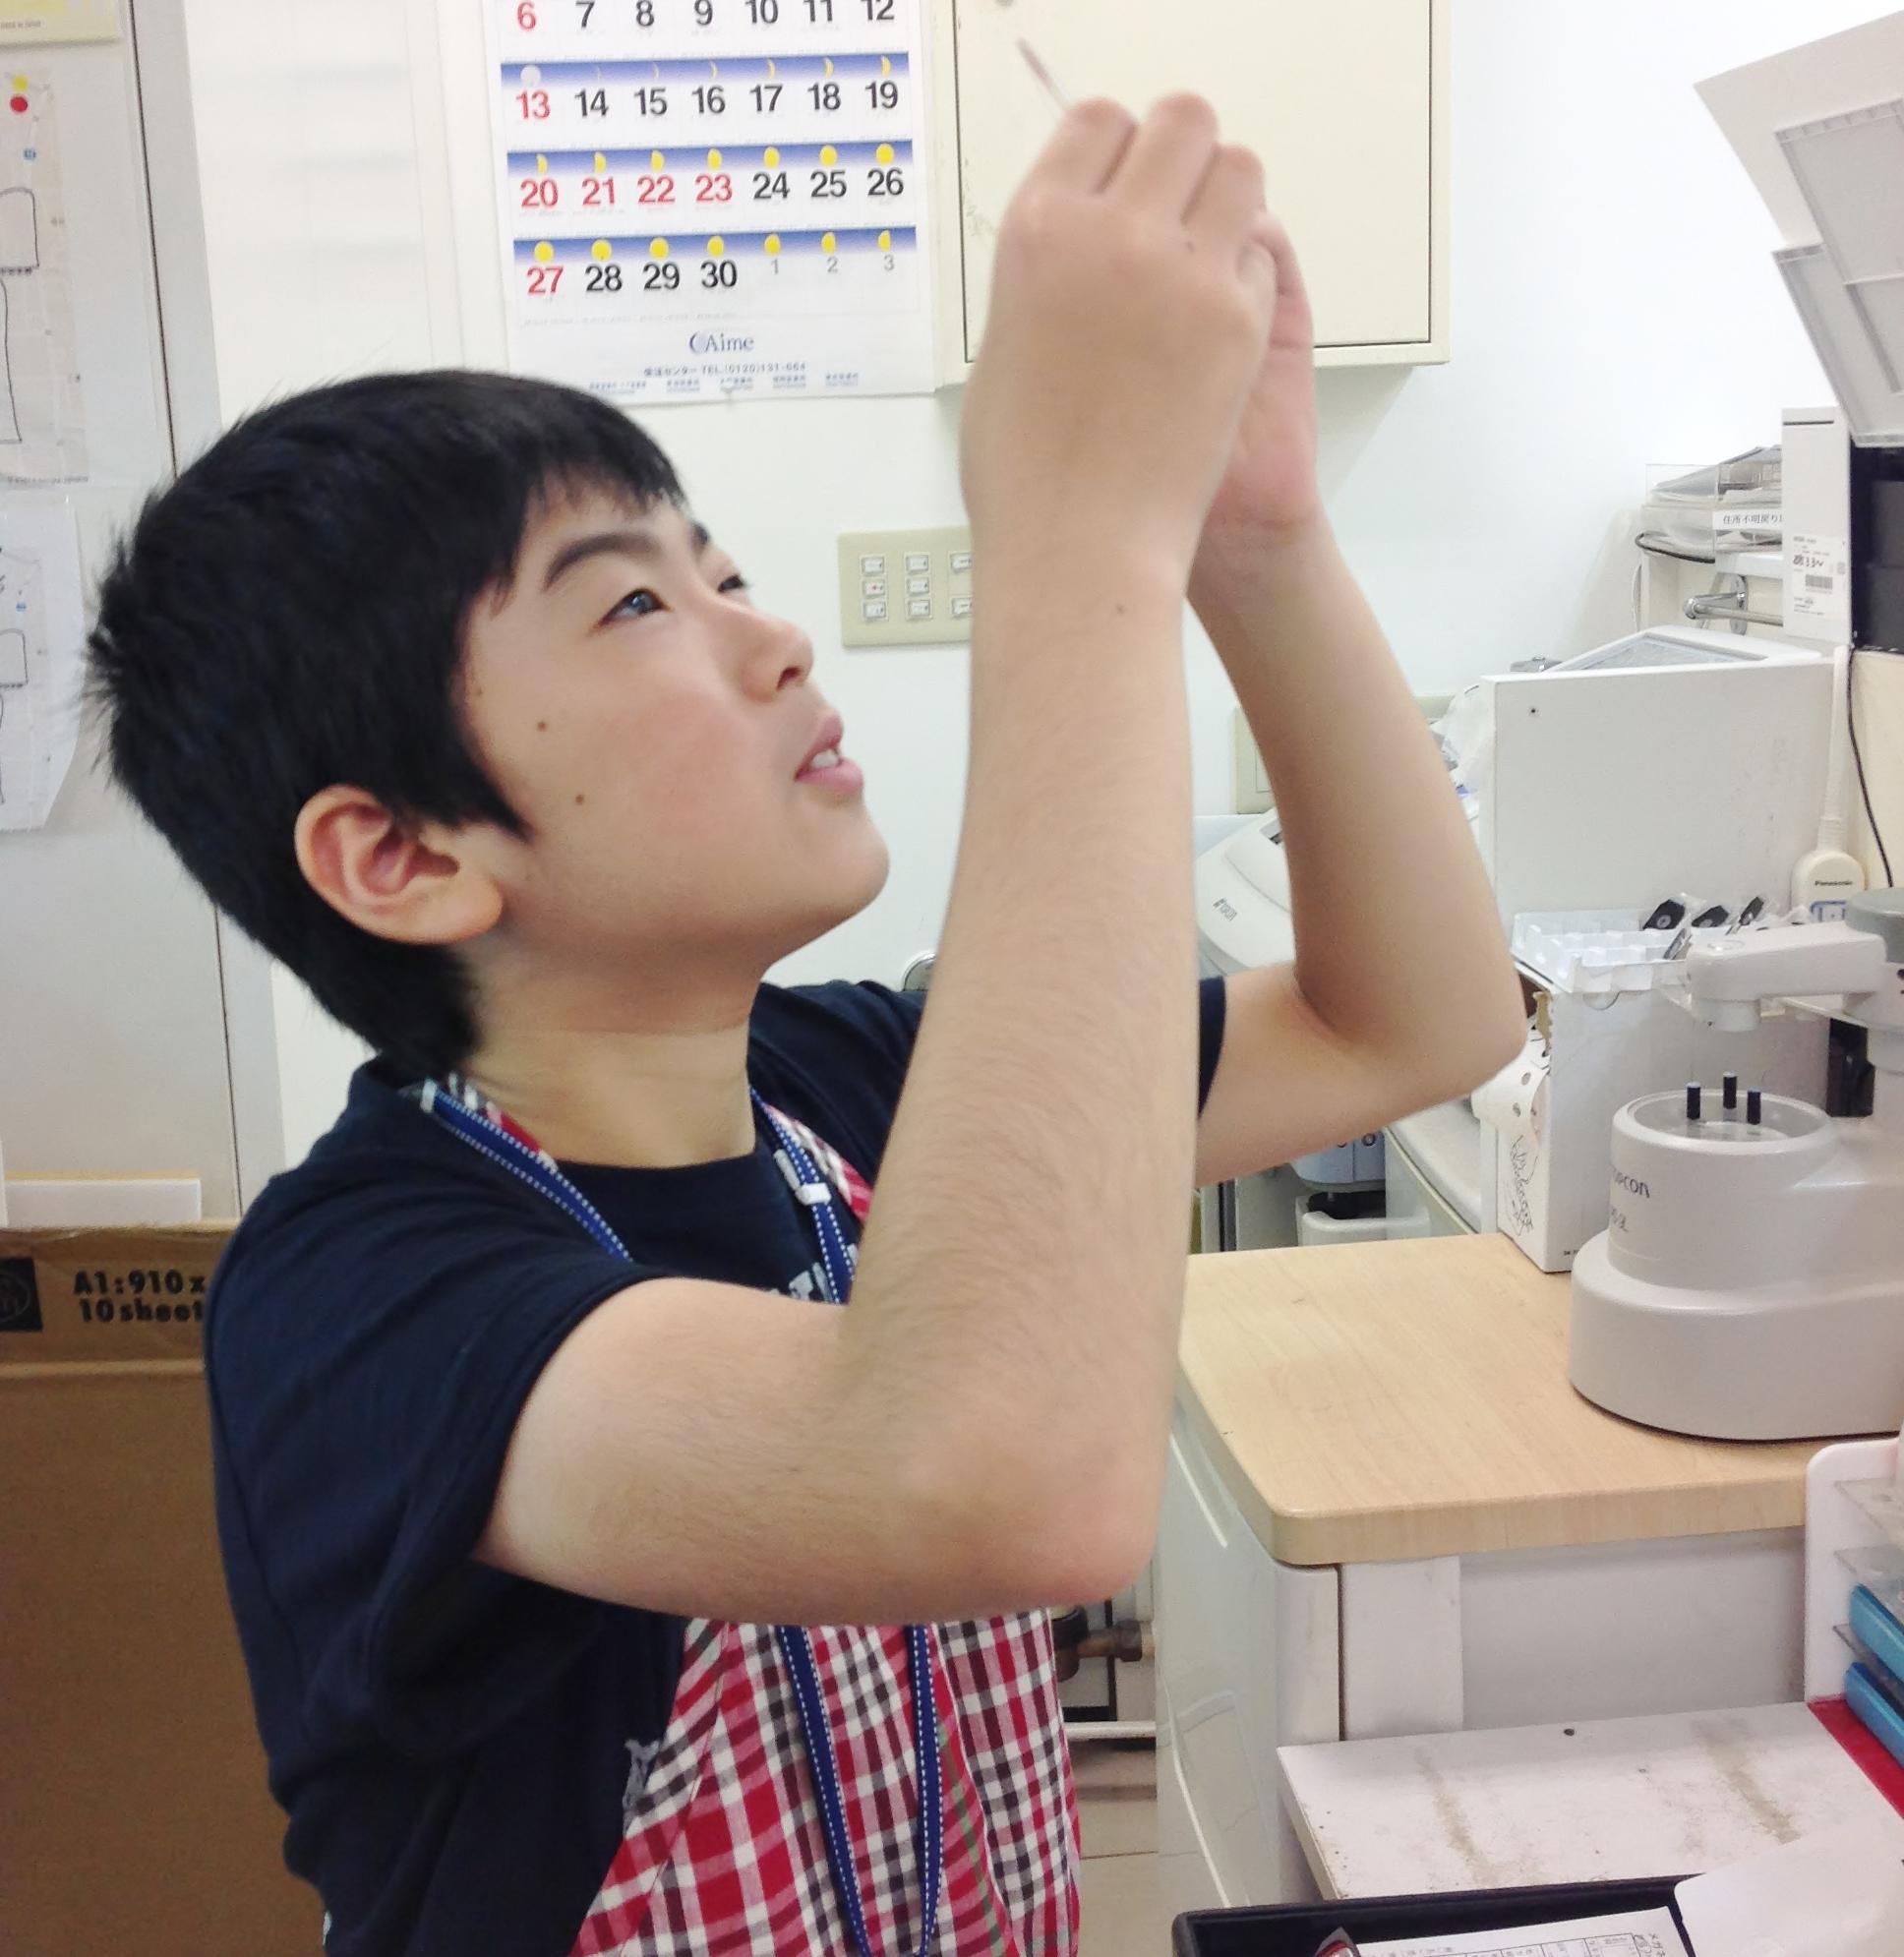 武蔵野市 メガネ 口コミ 評判 子ども 体験